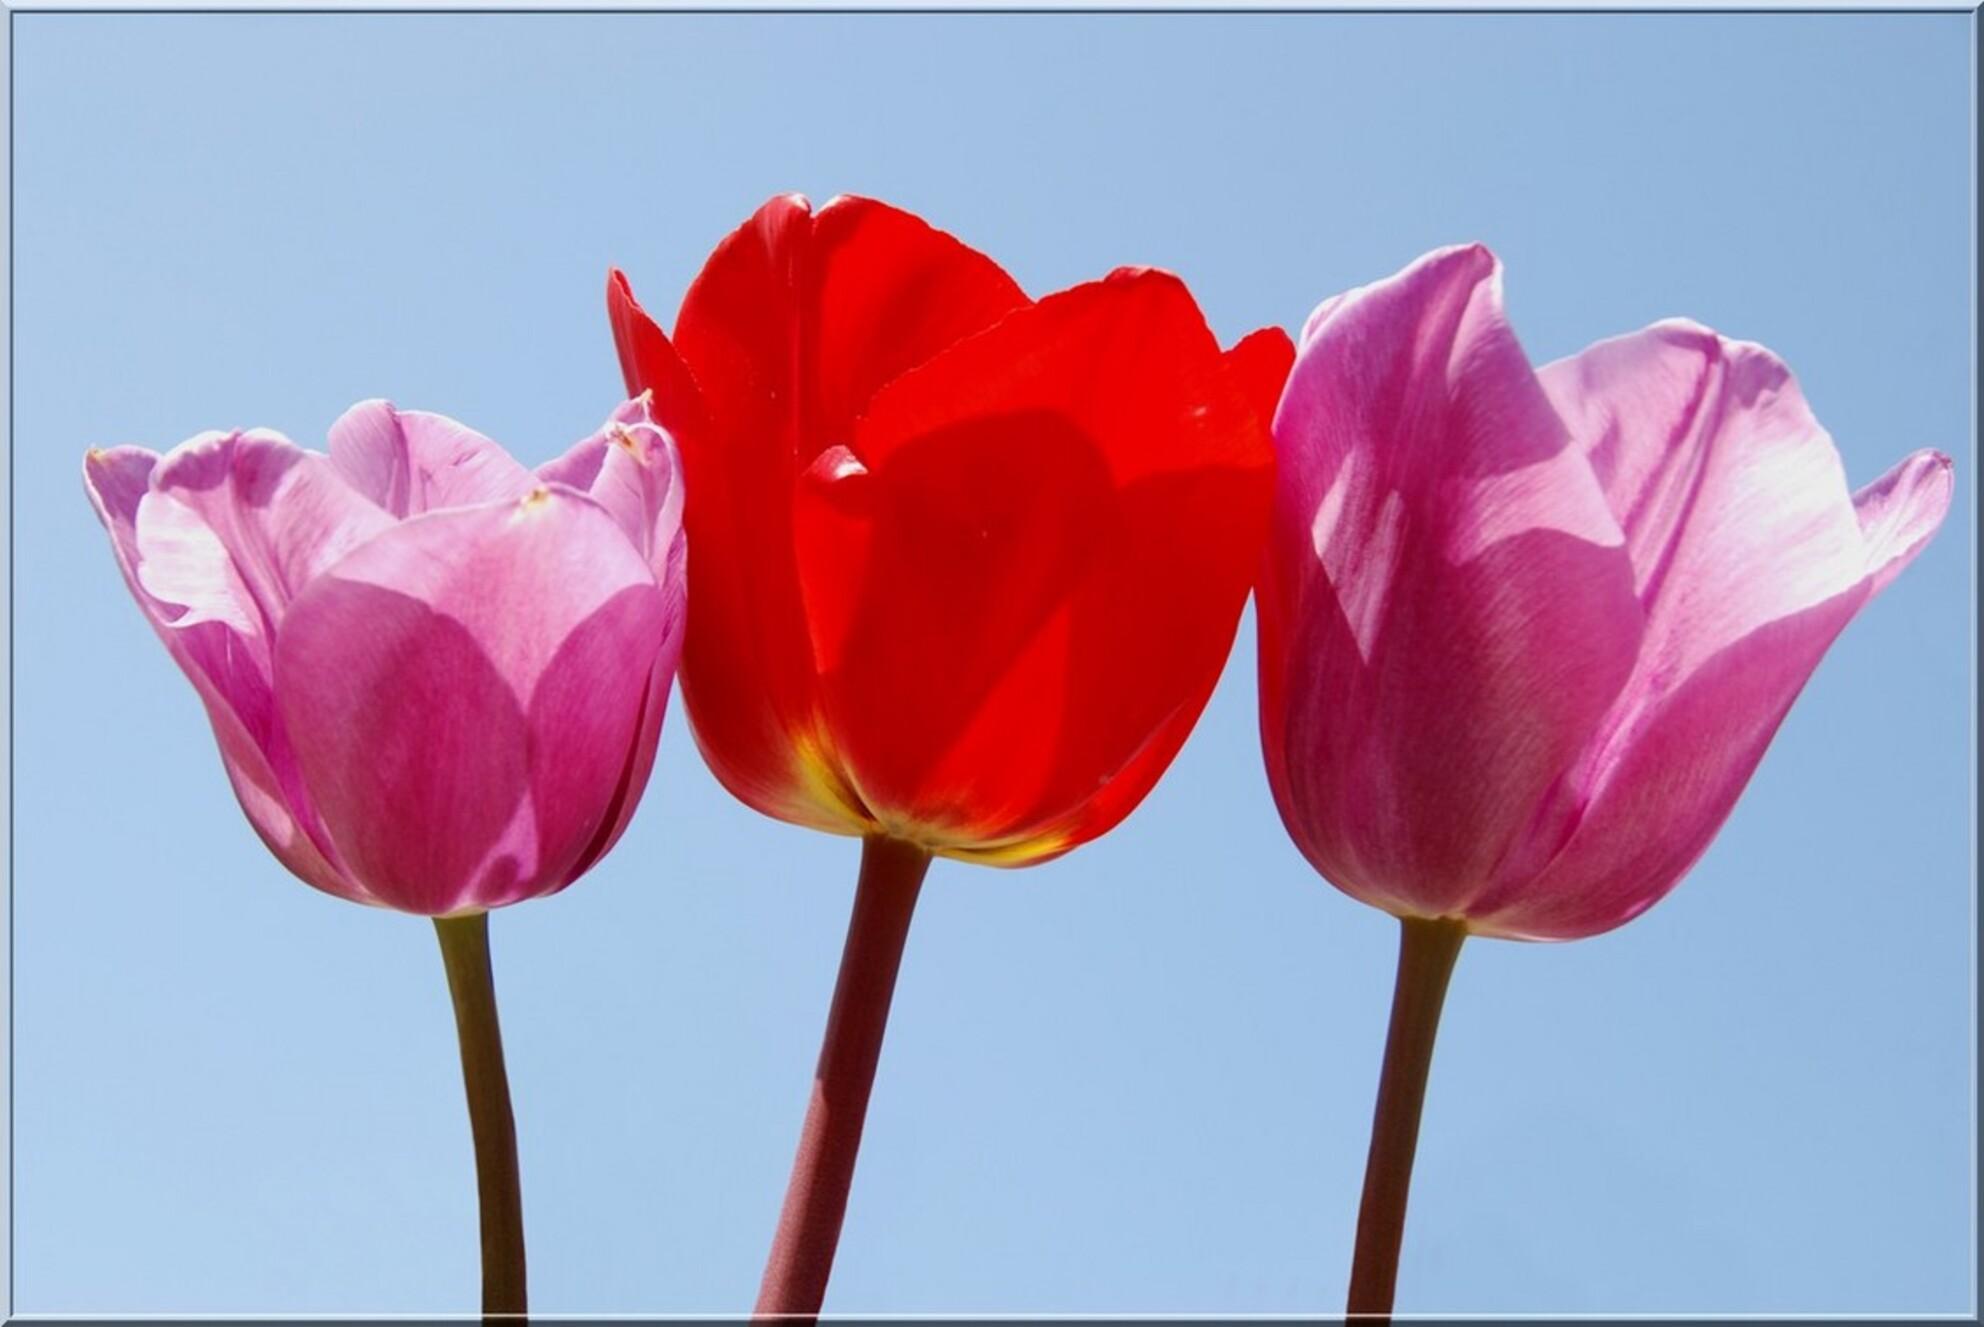 roze-rood-roze - Ook deze lekker fleurige tulpen heb ik gefotografeerd in de floratuin (omschr. zie vorige foto)  Ben even behoorlijk computermoe. Baal hevig van da - foto door ingrid.m op 27-05-2010 - deze foto bevat: roze, rood, tulpen, bloemen, bloembollen, tulpenbollen